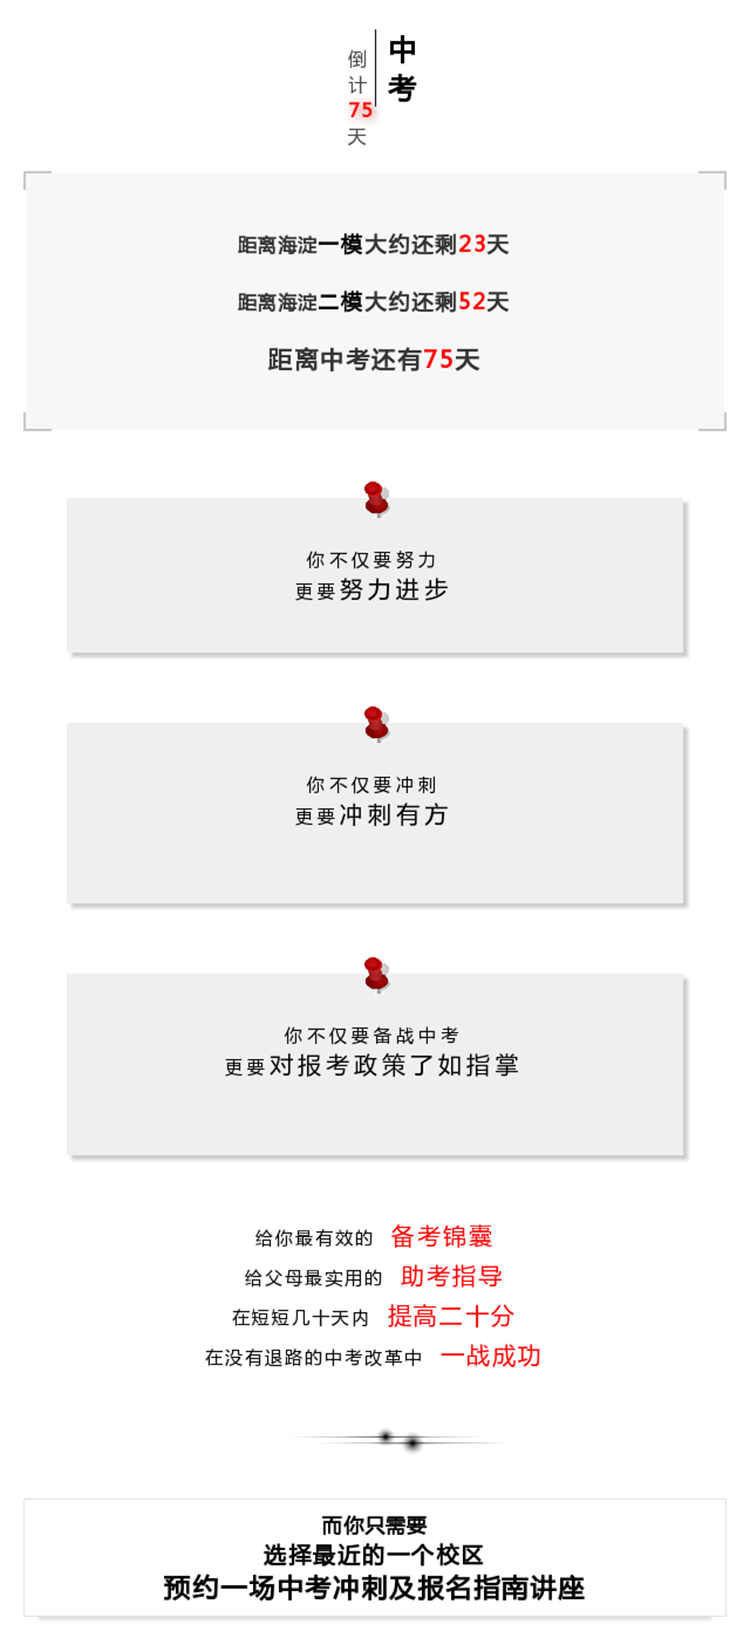 2017北京中考冲刺及报考指导免费讲座火热进行中